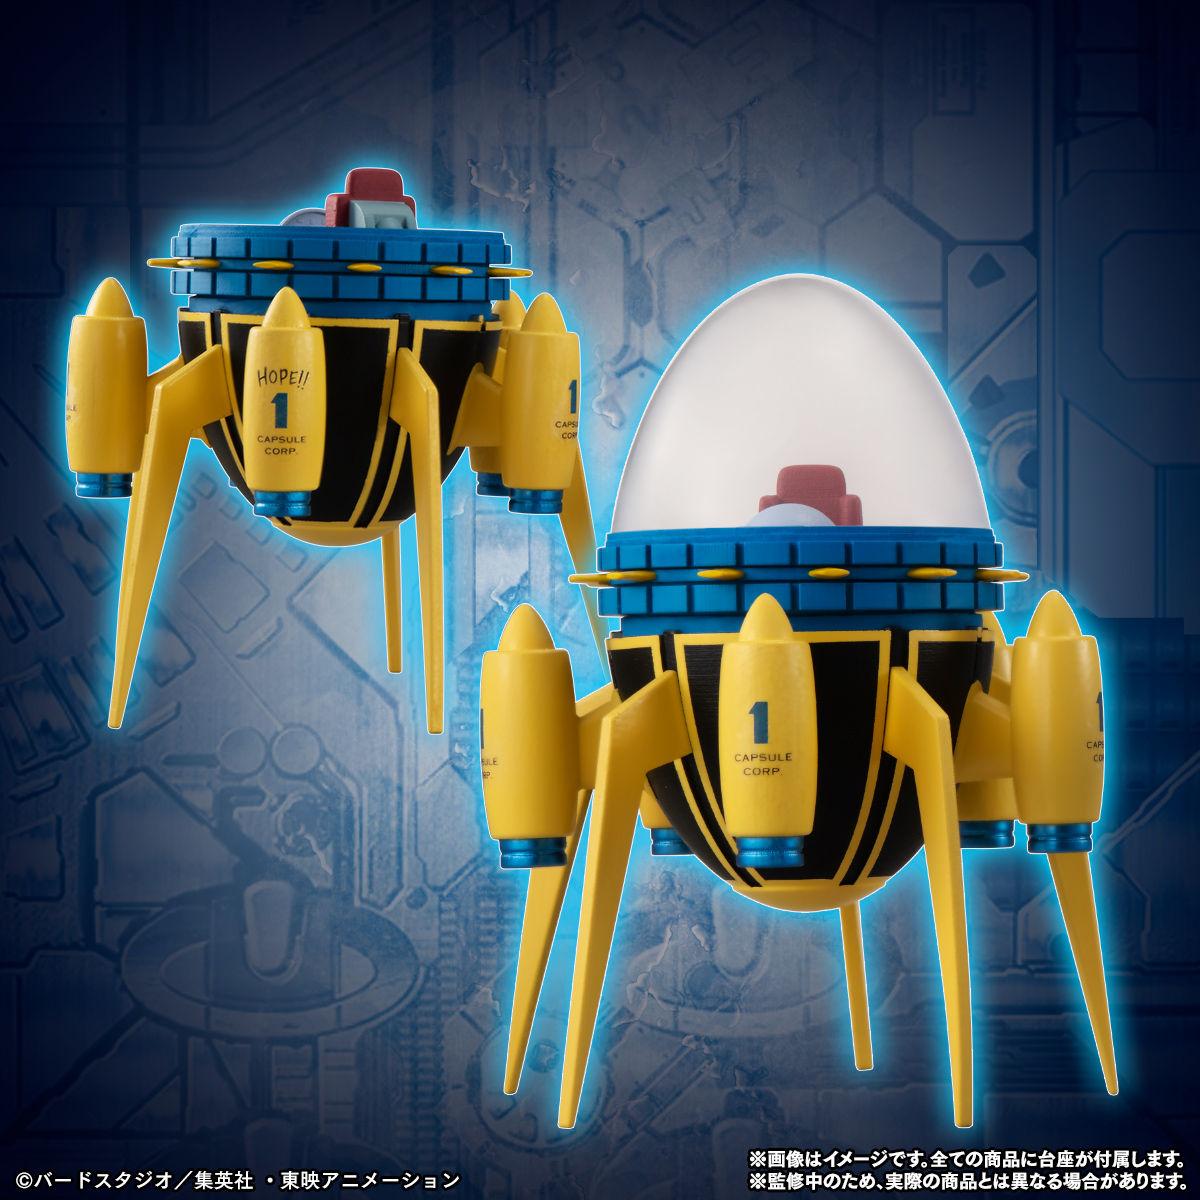 【限定販売】HGシリーズ『HGドラゴンボール もう一人の超サイヤ人編』全3種+タイムマシン-007